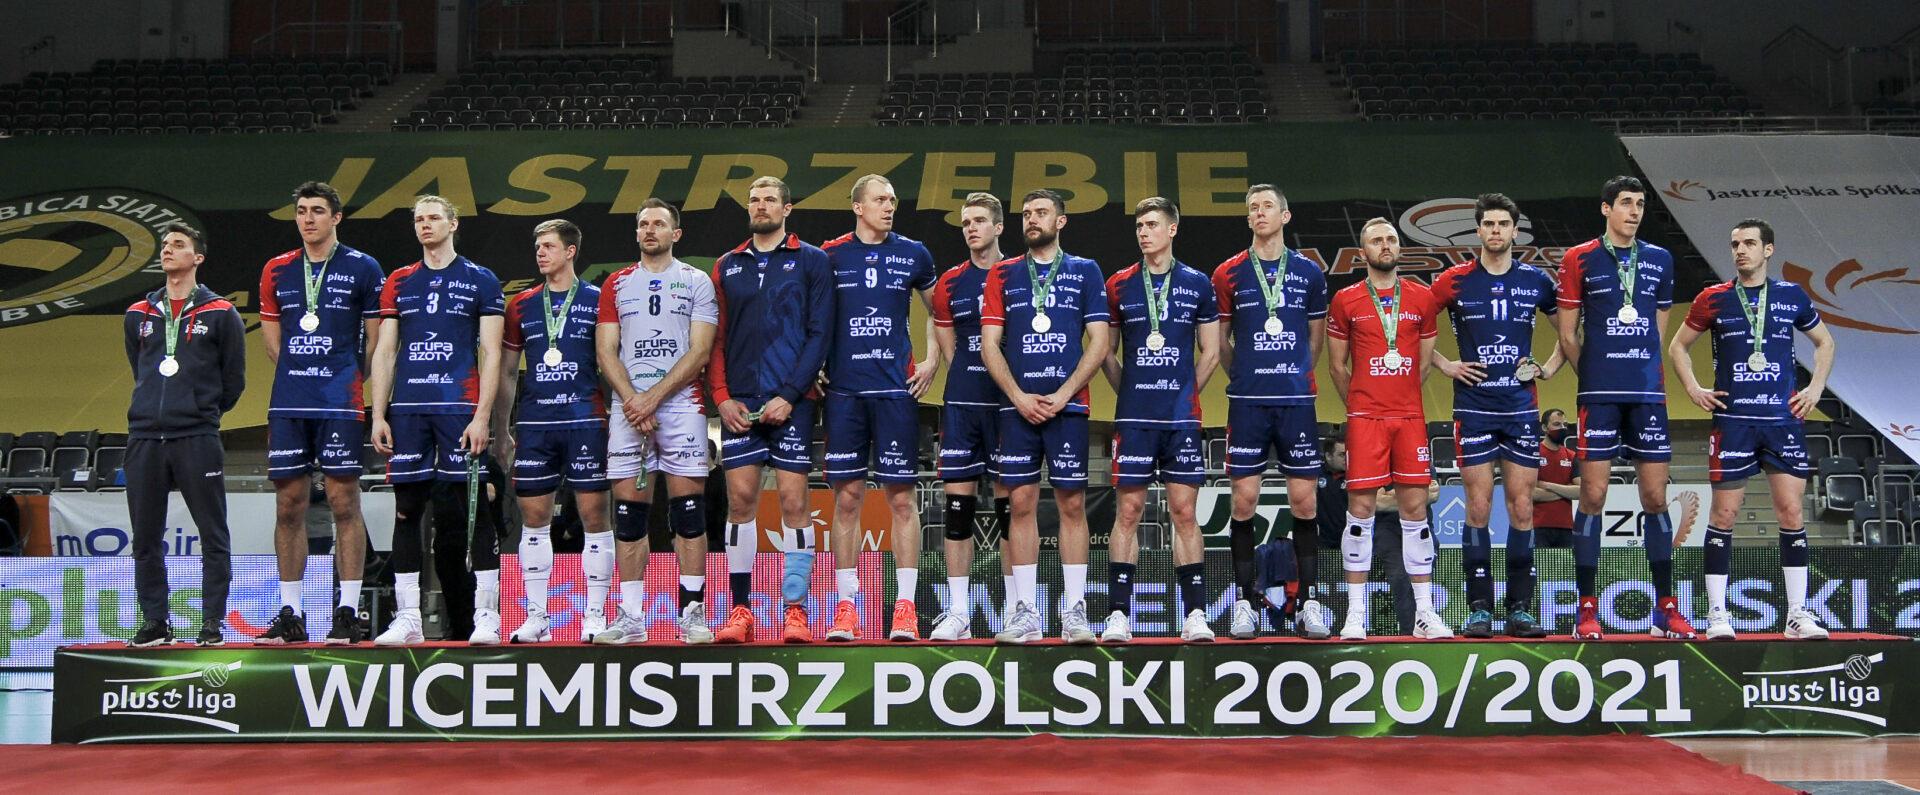 Grupa Azoty ZAKSA Kędzierzyn-Koźle wicemistrzem Polski fotogaleria